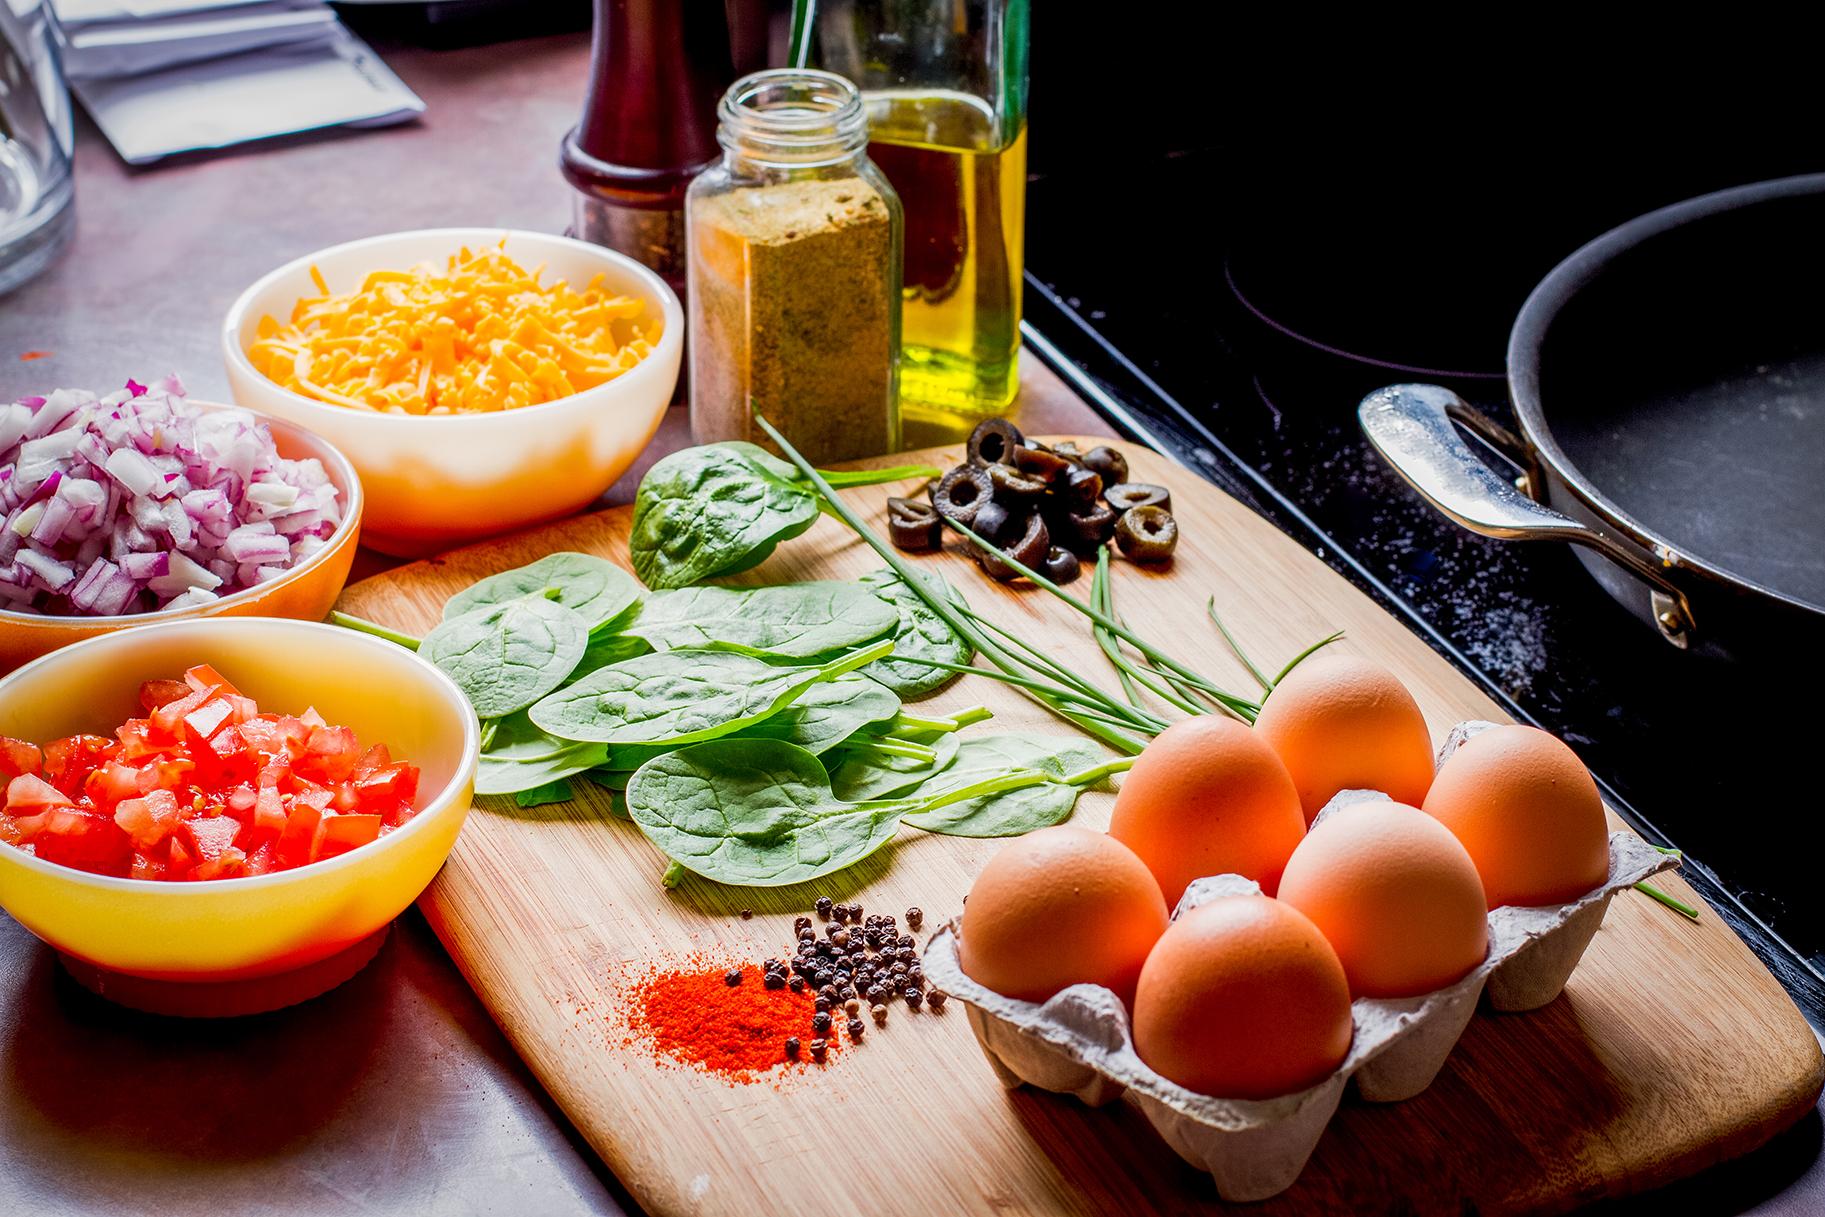 feast-keto-diet-dangers.jpg